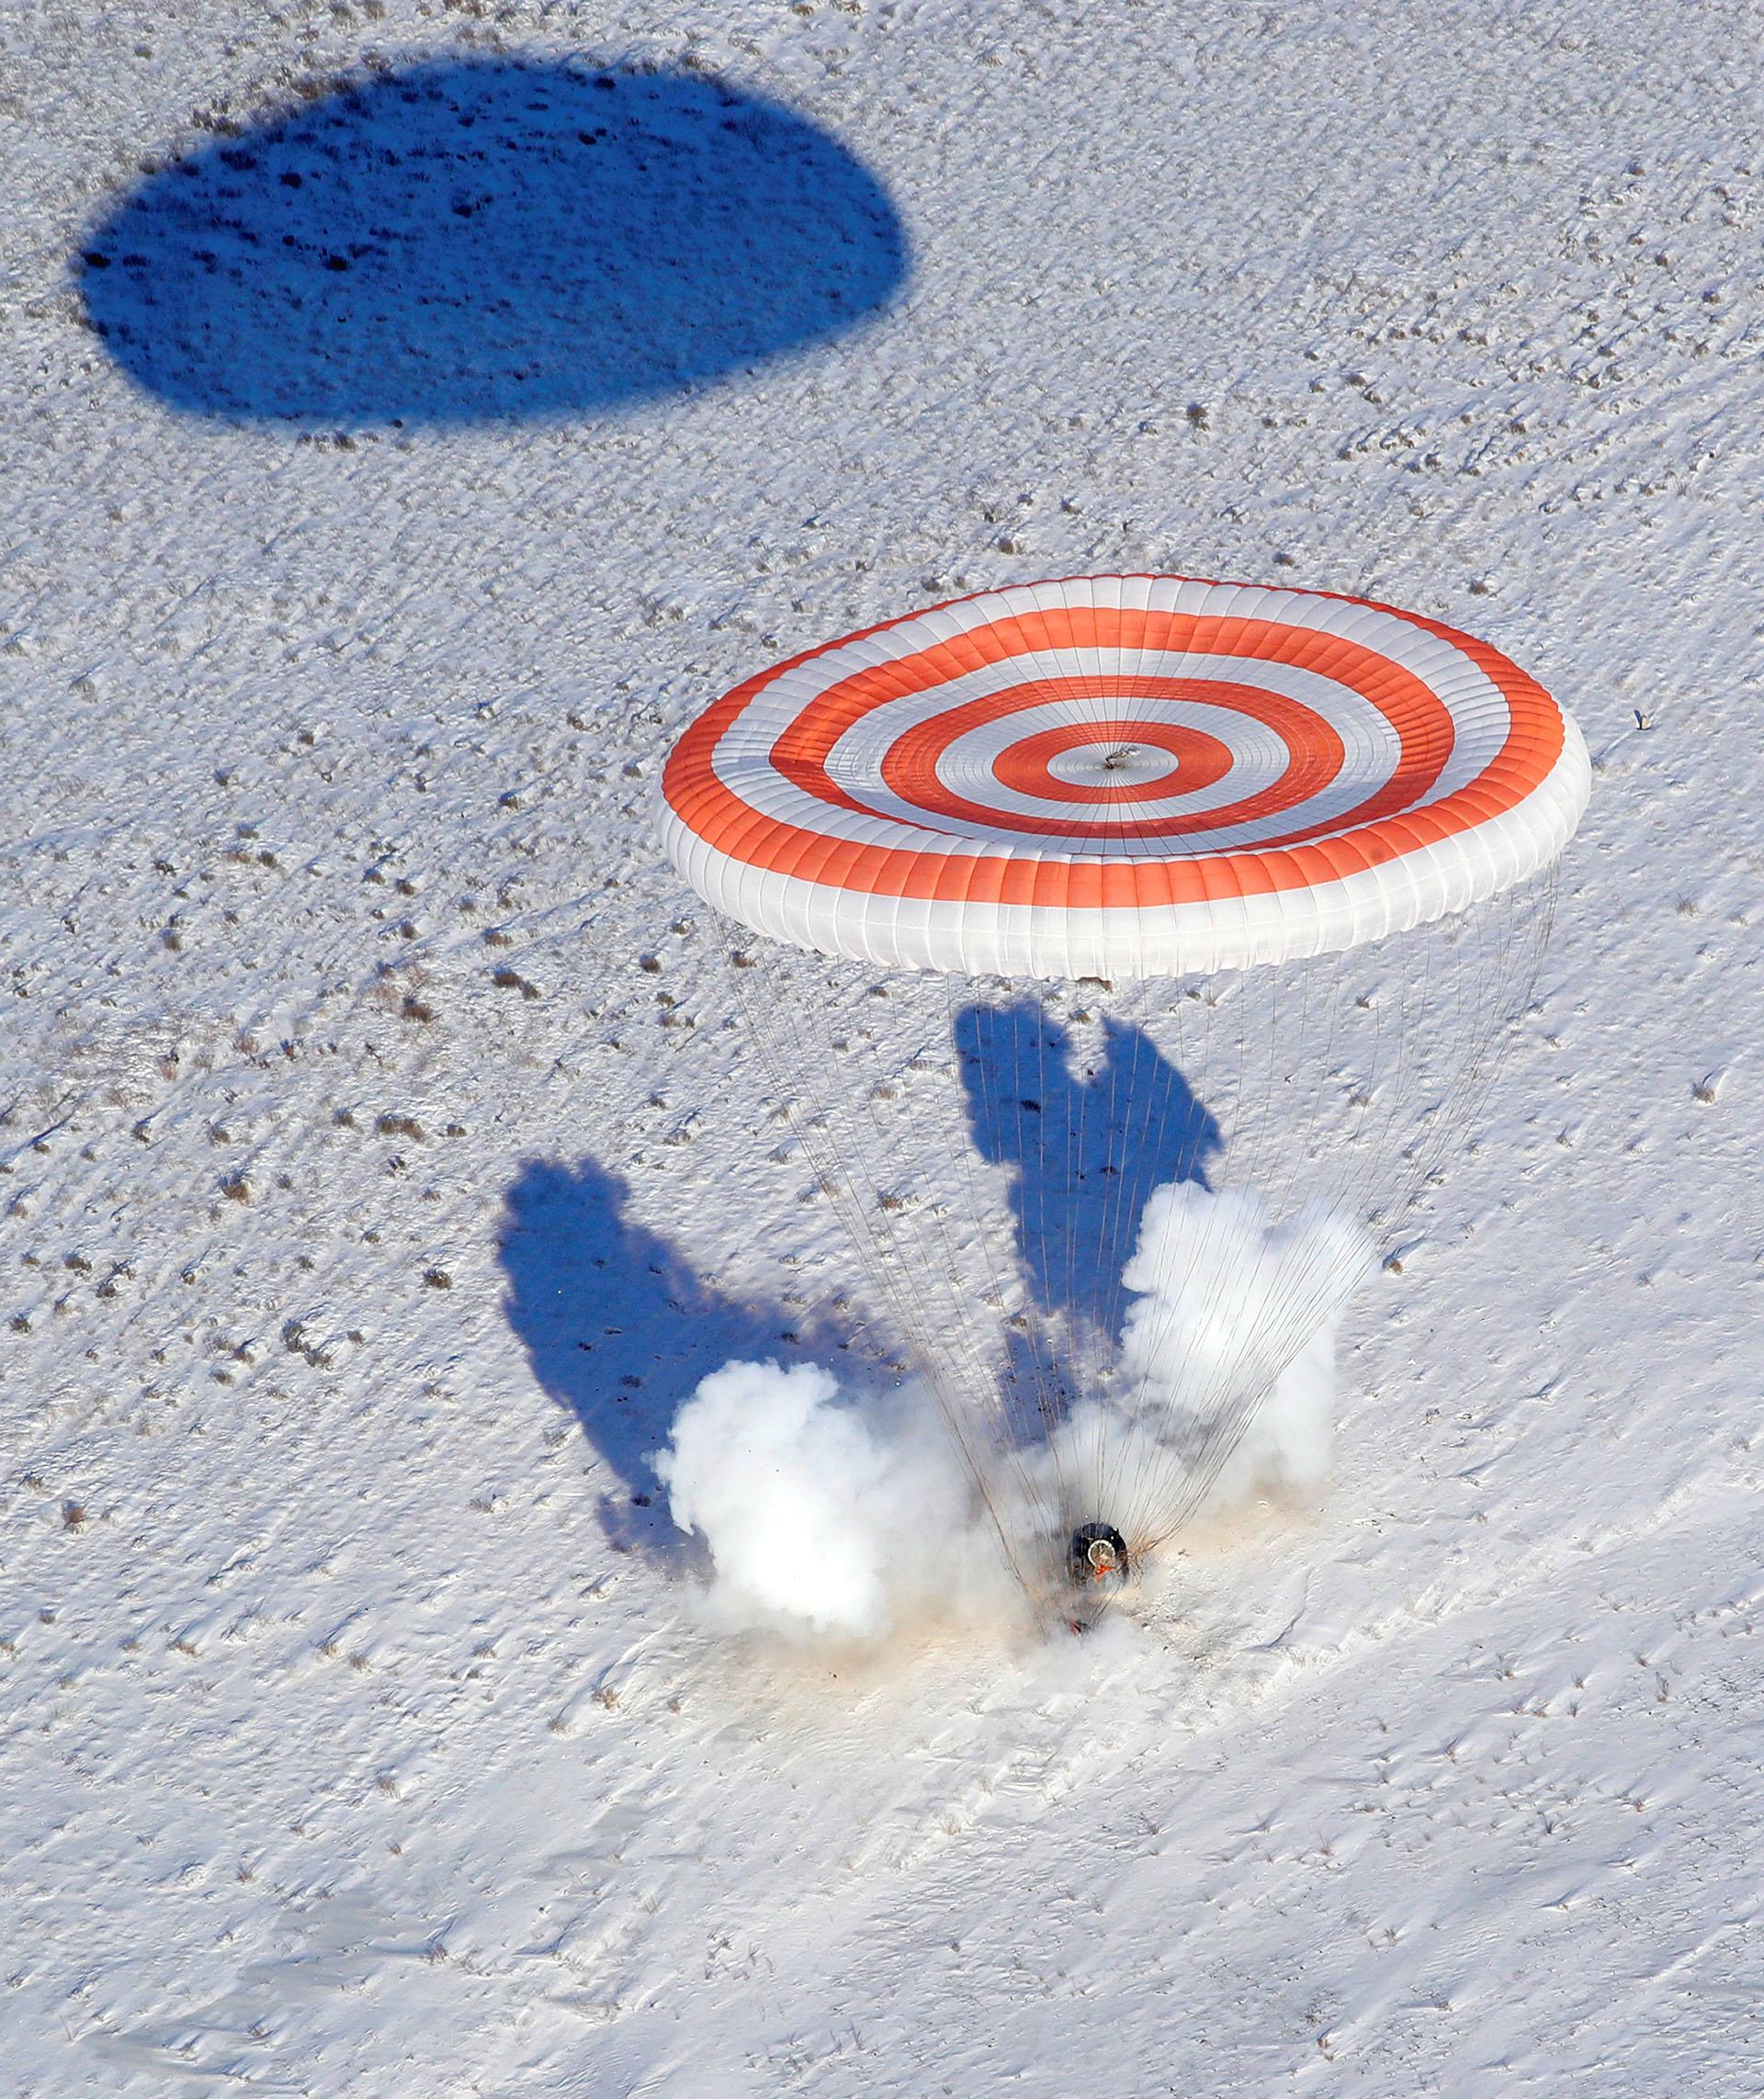 La capsula que trasladó al astronauta de la NASA Randy Bresnik, al cosmonauta ruso Sergey Ryazanskiy y a Paolo Nespoli, de la Agencia Espacial Europea, descendió con un paracaídas rojo y blanco y aterrizó según lo previsto a las 14:37 horas (8.37 GMT)